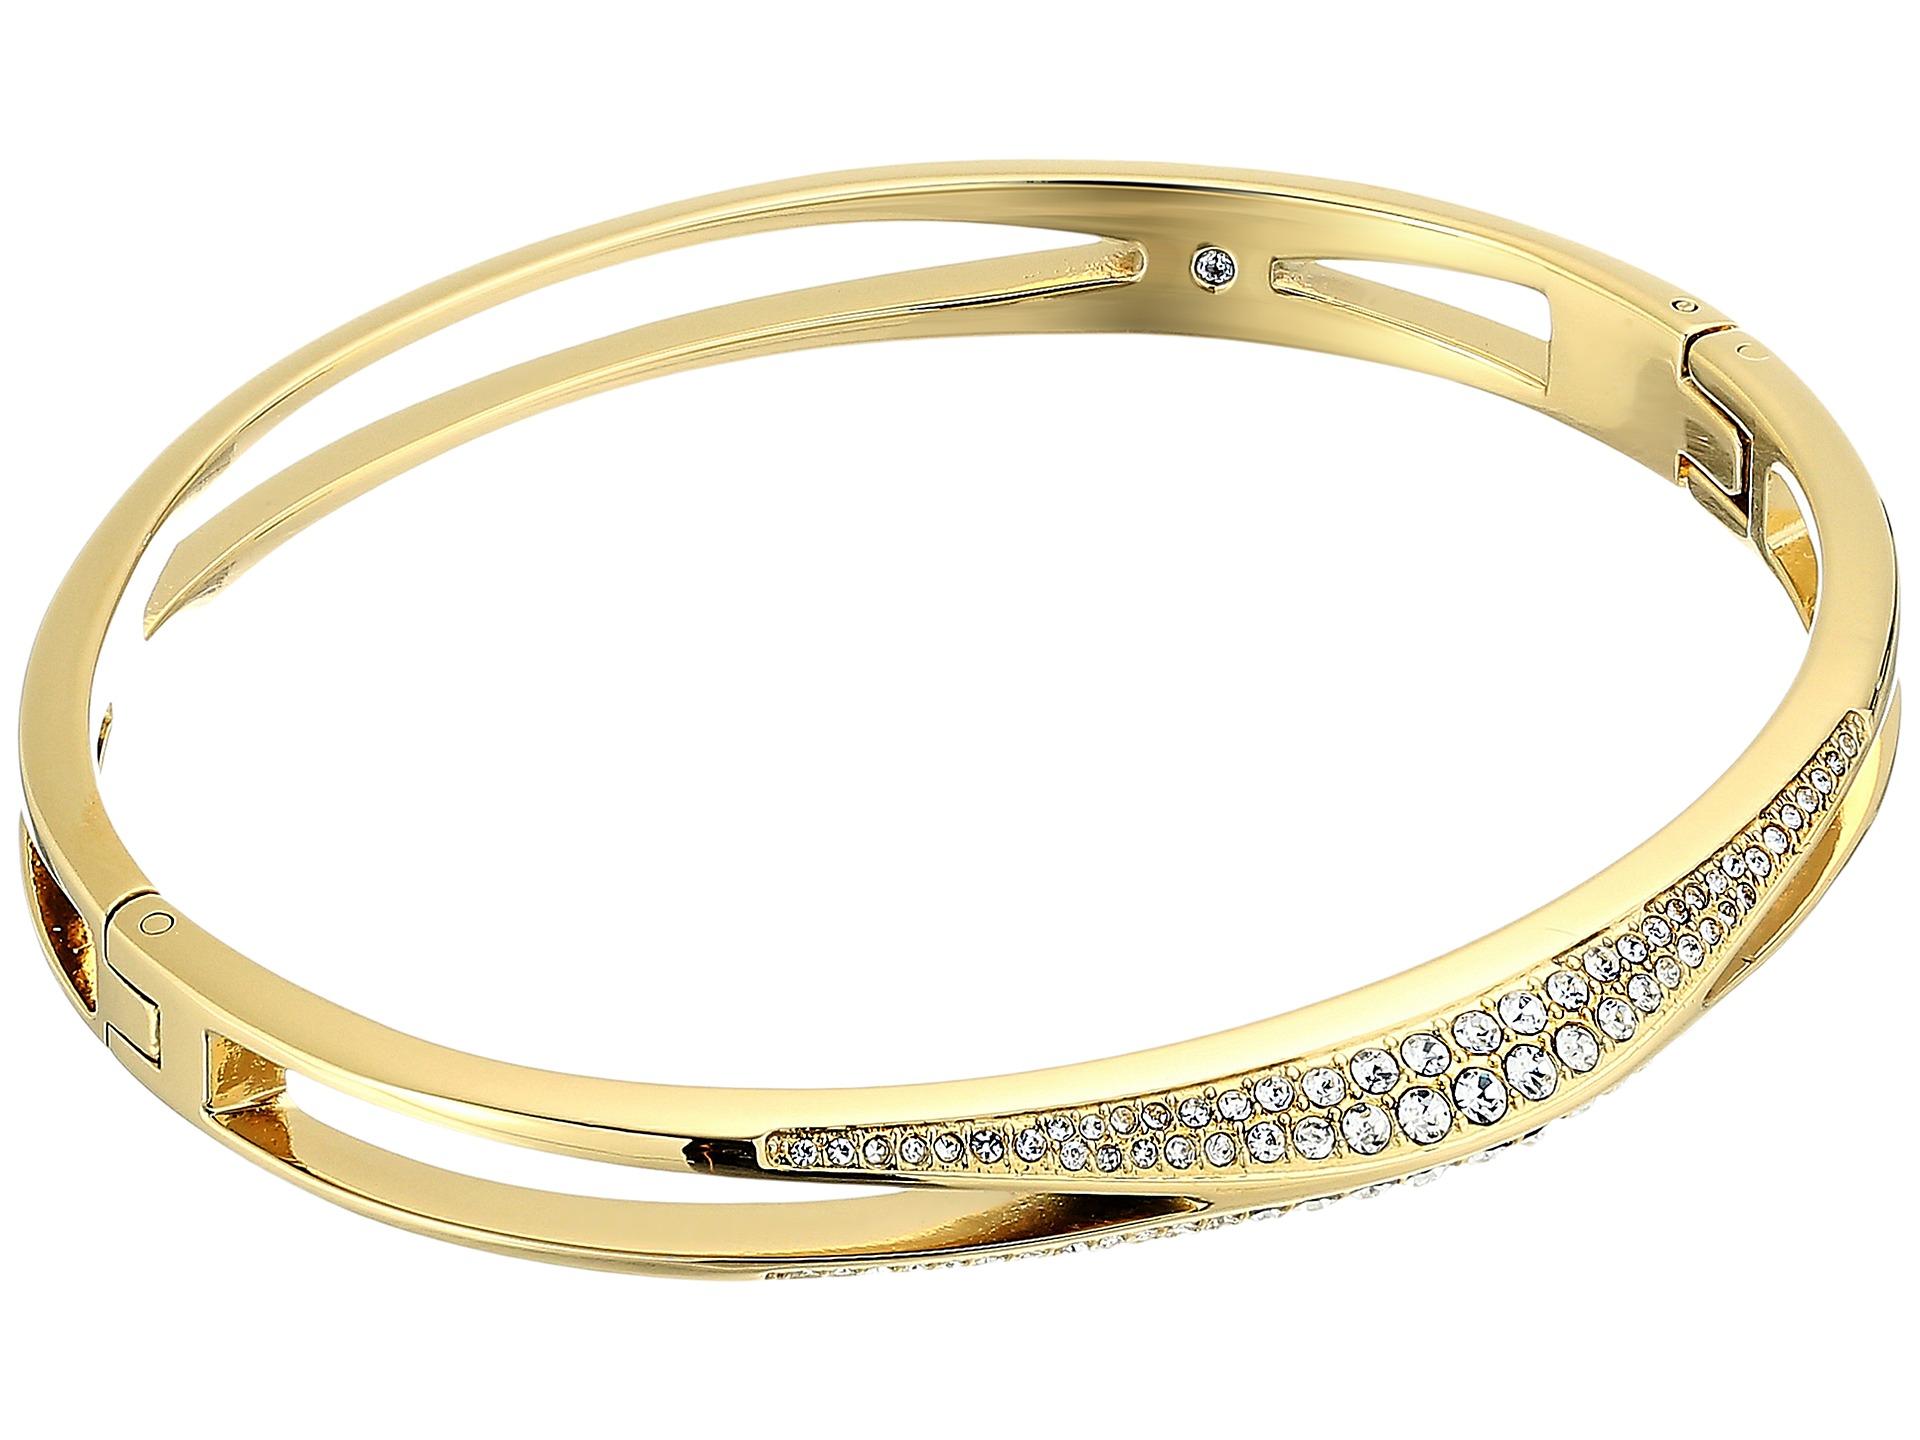 michael kors brilliance pave hinged bangle bracelet at. Black Bedroom Furniture Sets. Home Design Ideas